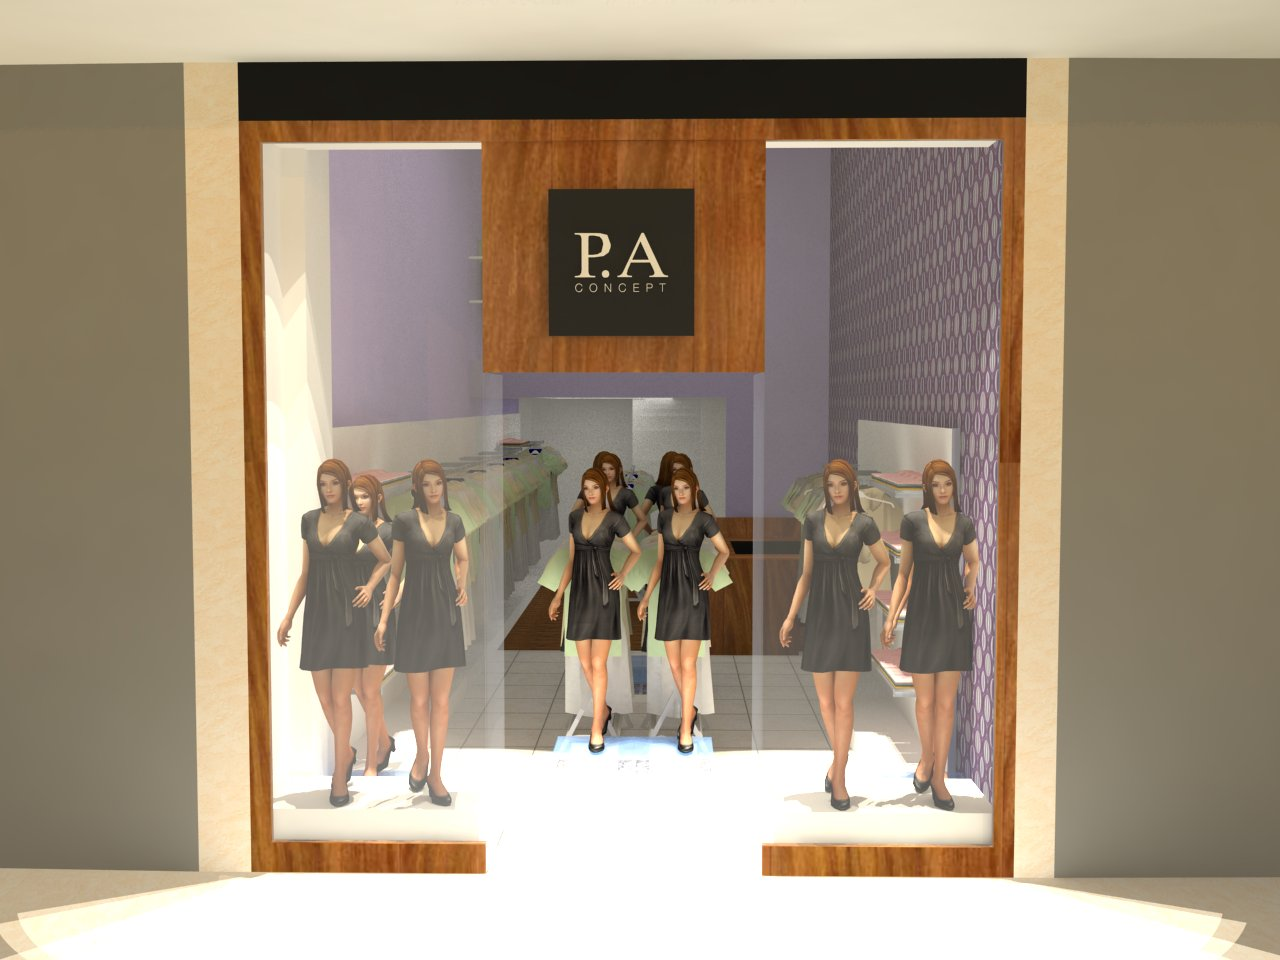 Extremamente Loja de Roupas - Shopping   Arquitetura do Amanhã SF11